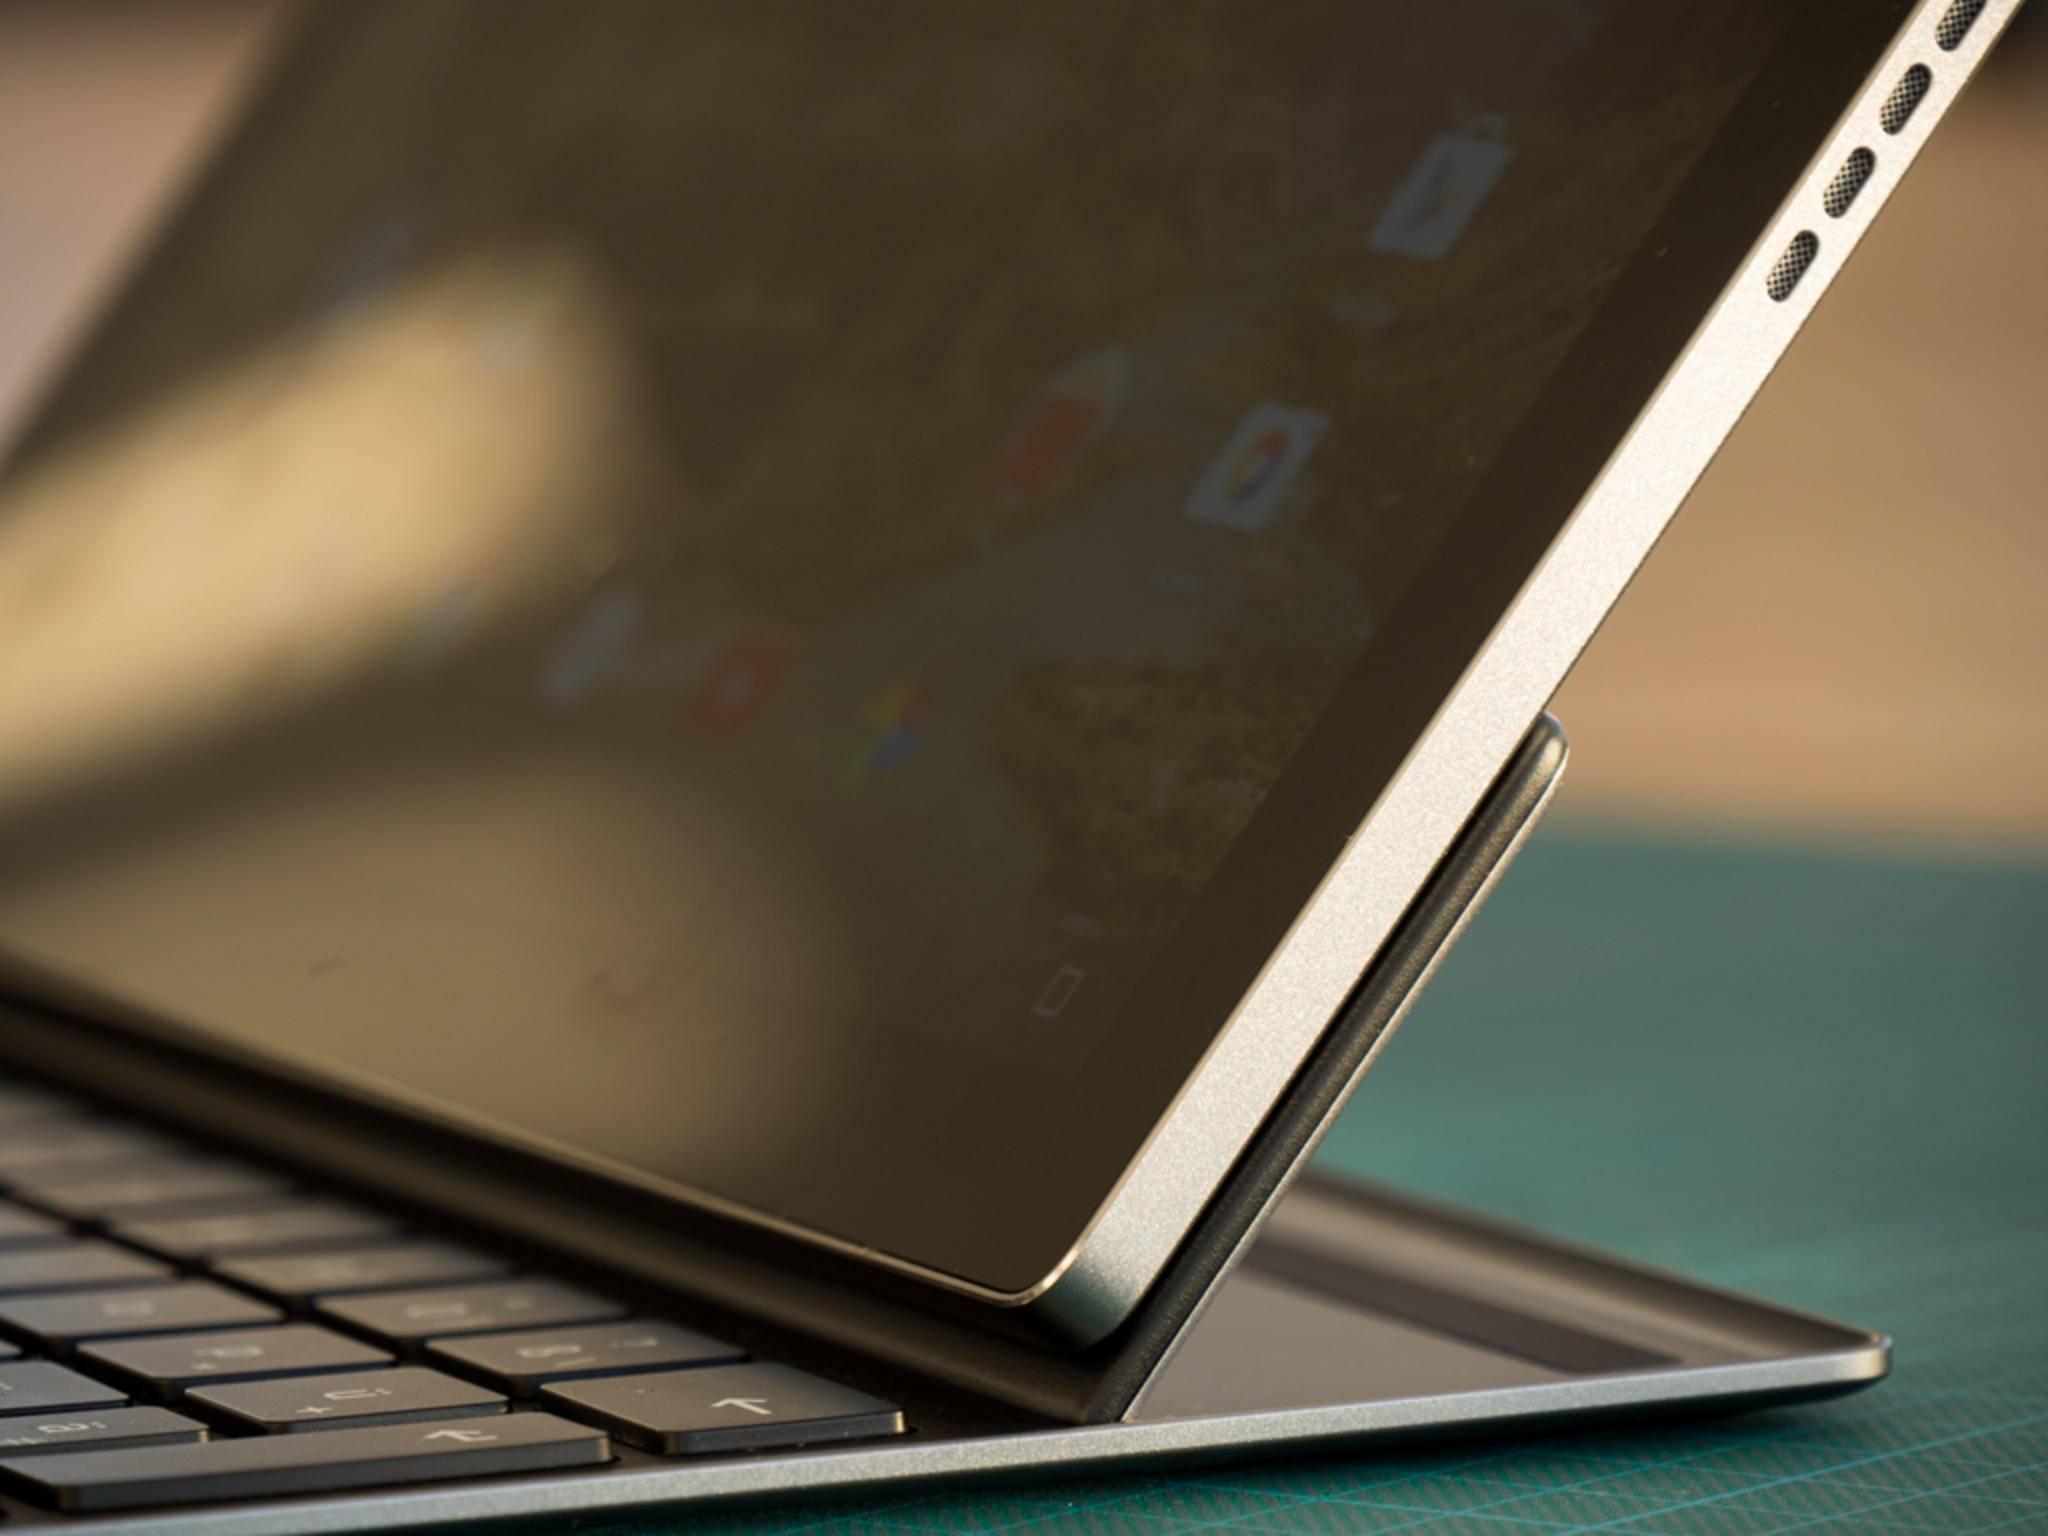 Die Tastatur ist mit einem starken Magneten am Tablet angedockt und ...